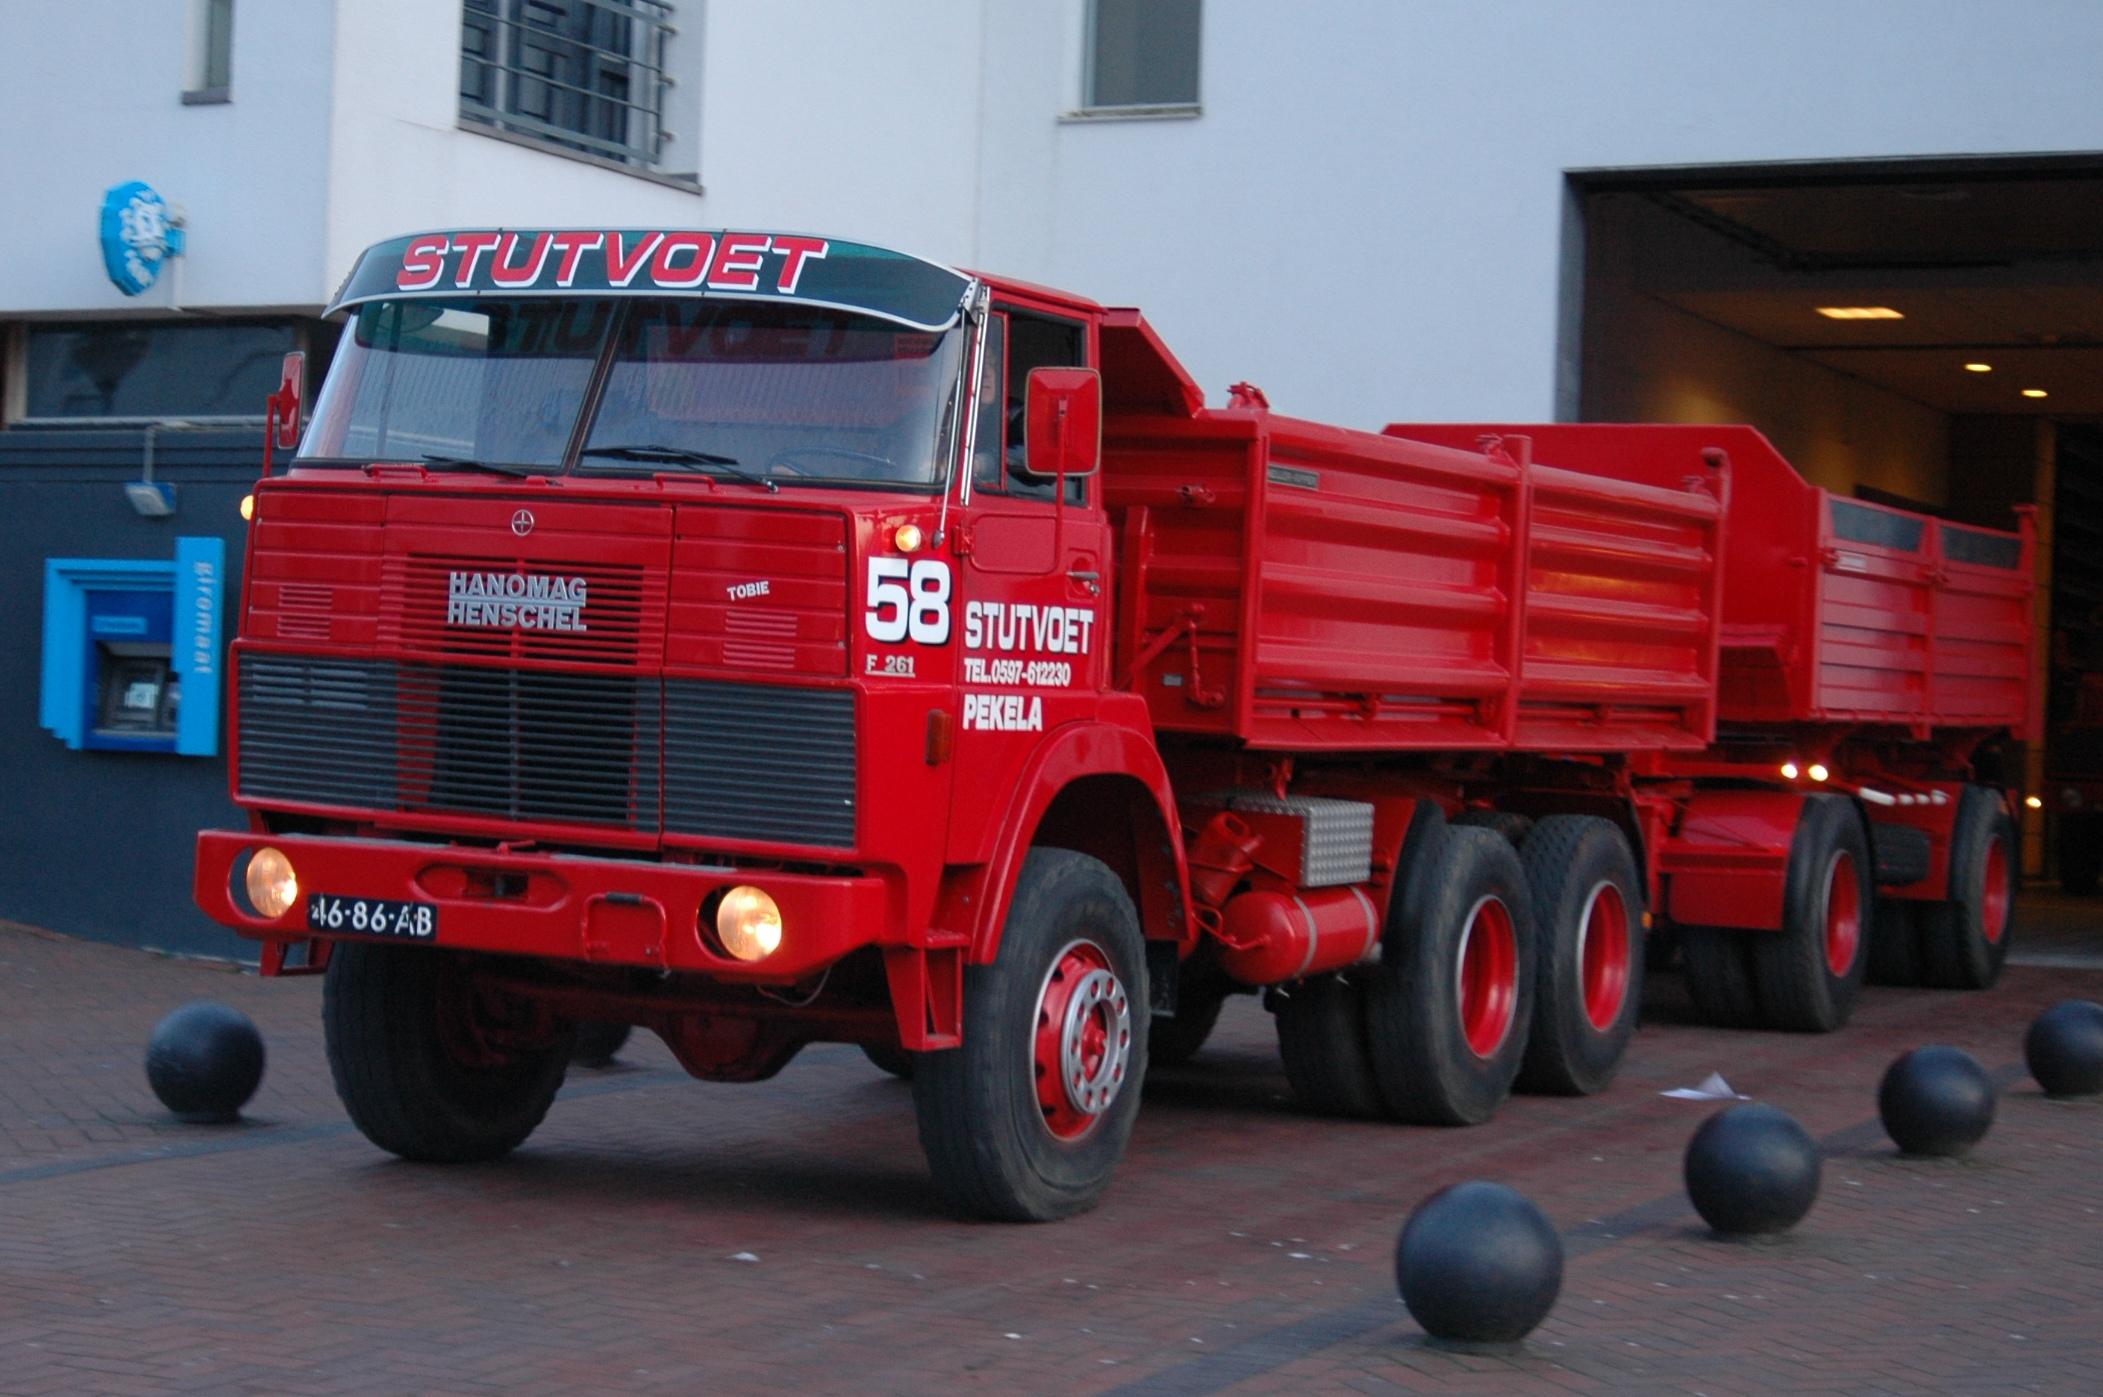 stutvoet-oude-pekela-46-86-ab-hanomag-henschel-f-261